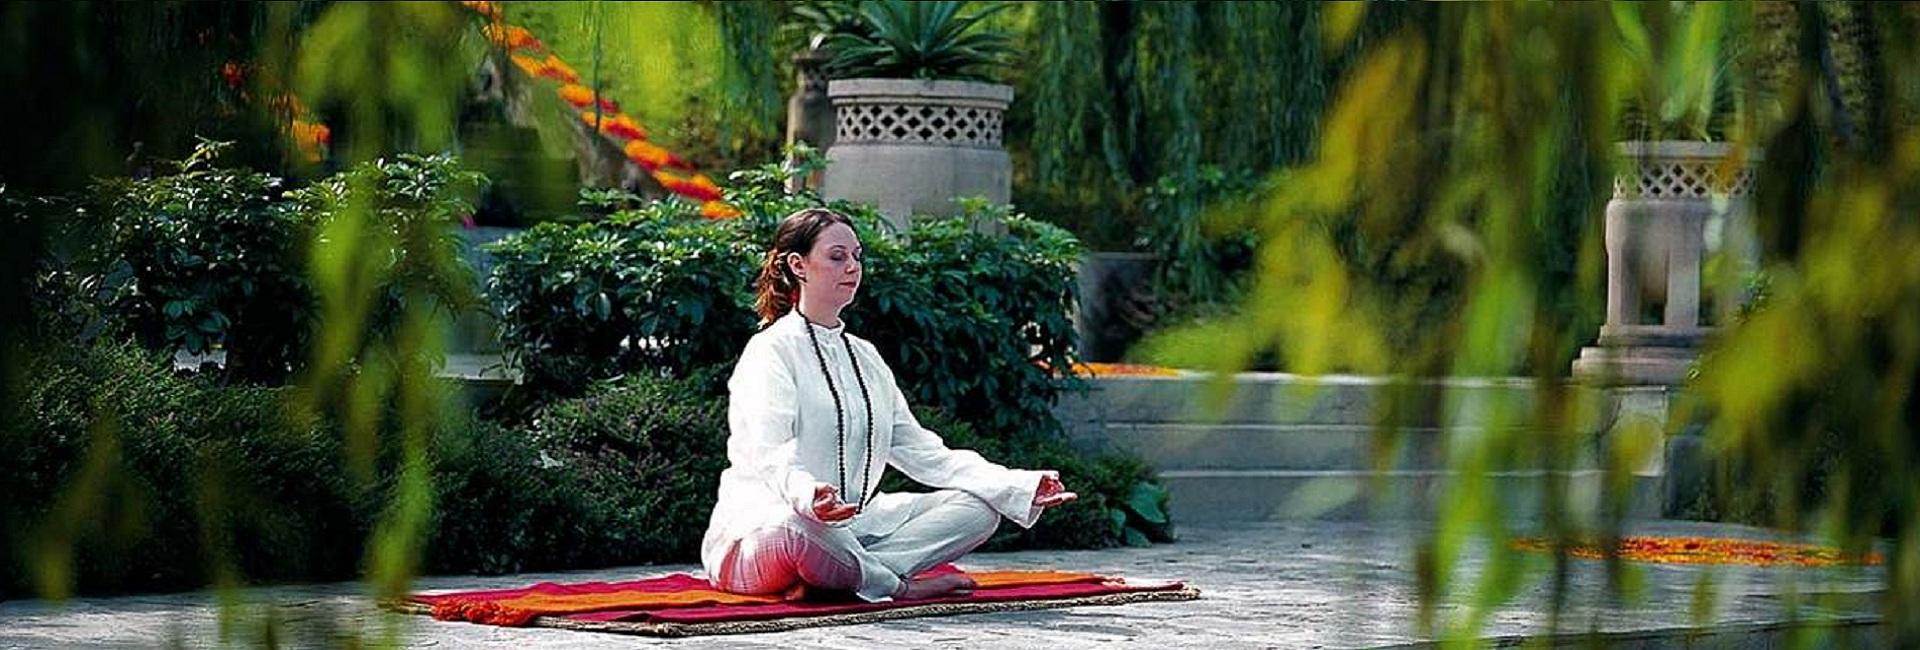 Rishikesh Yoga Ashram